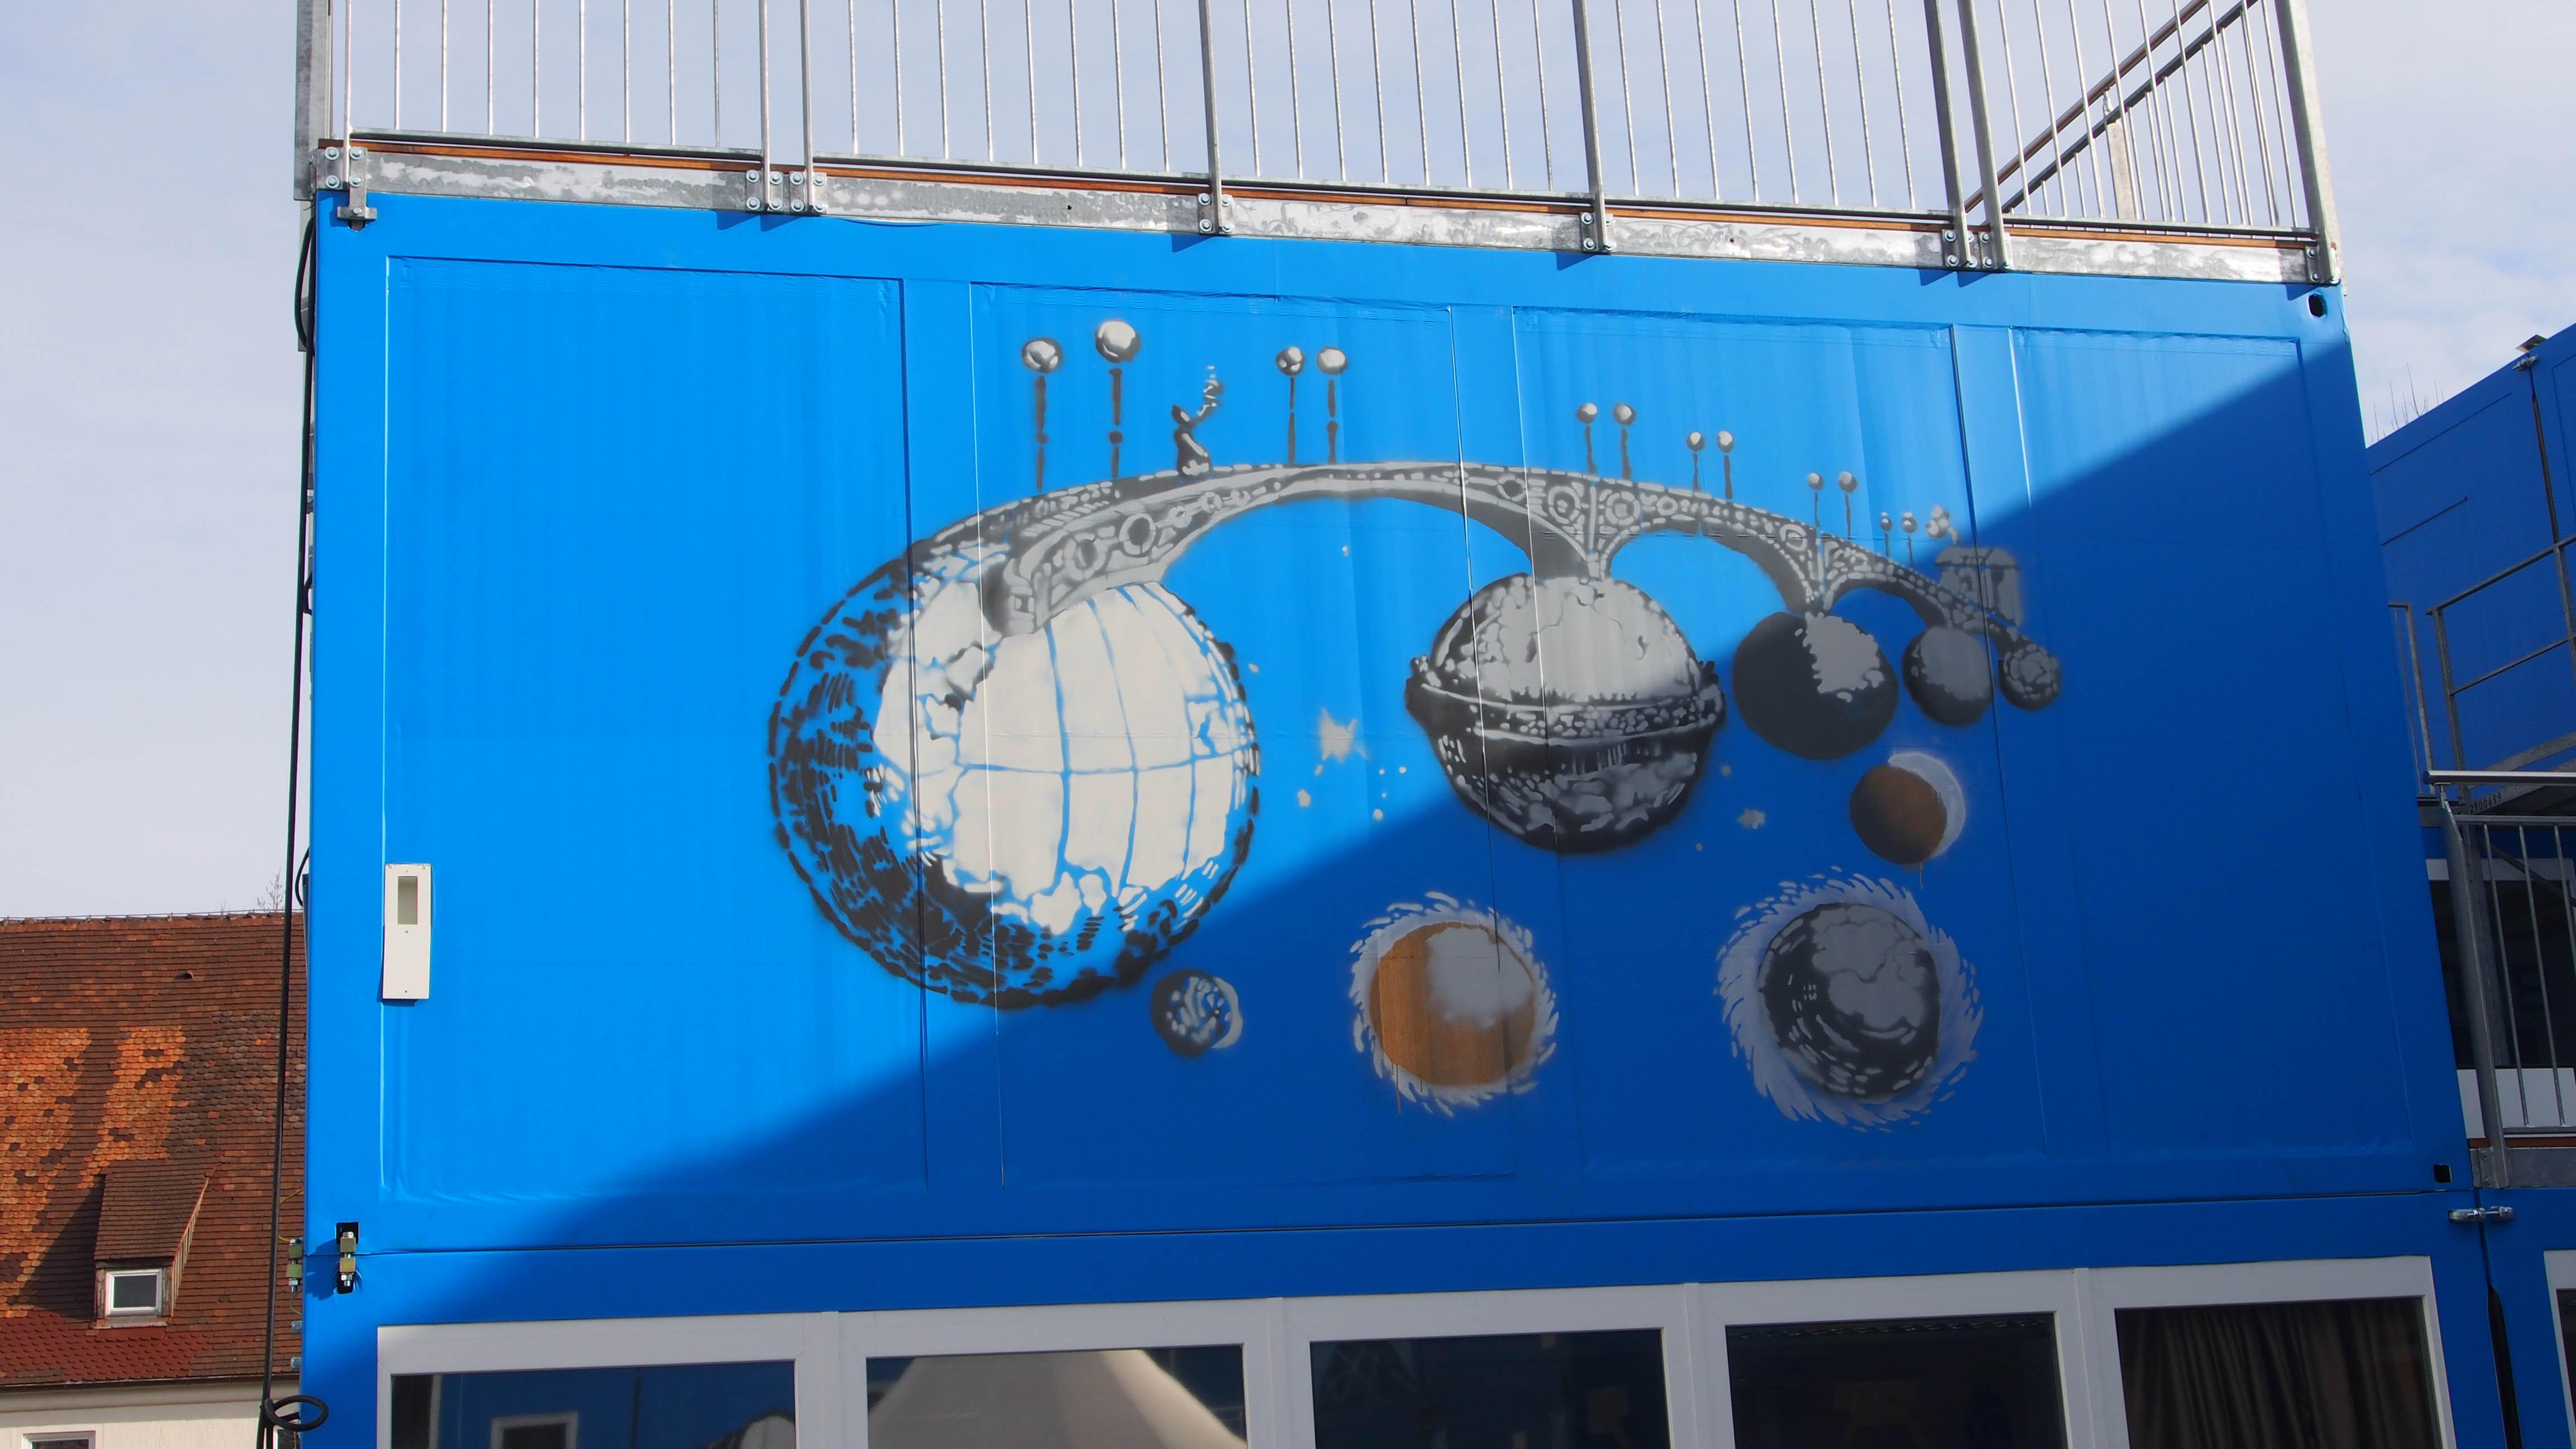 Grandville Eine andere Welt Mondhaus ContainerUni